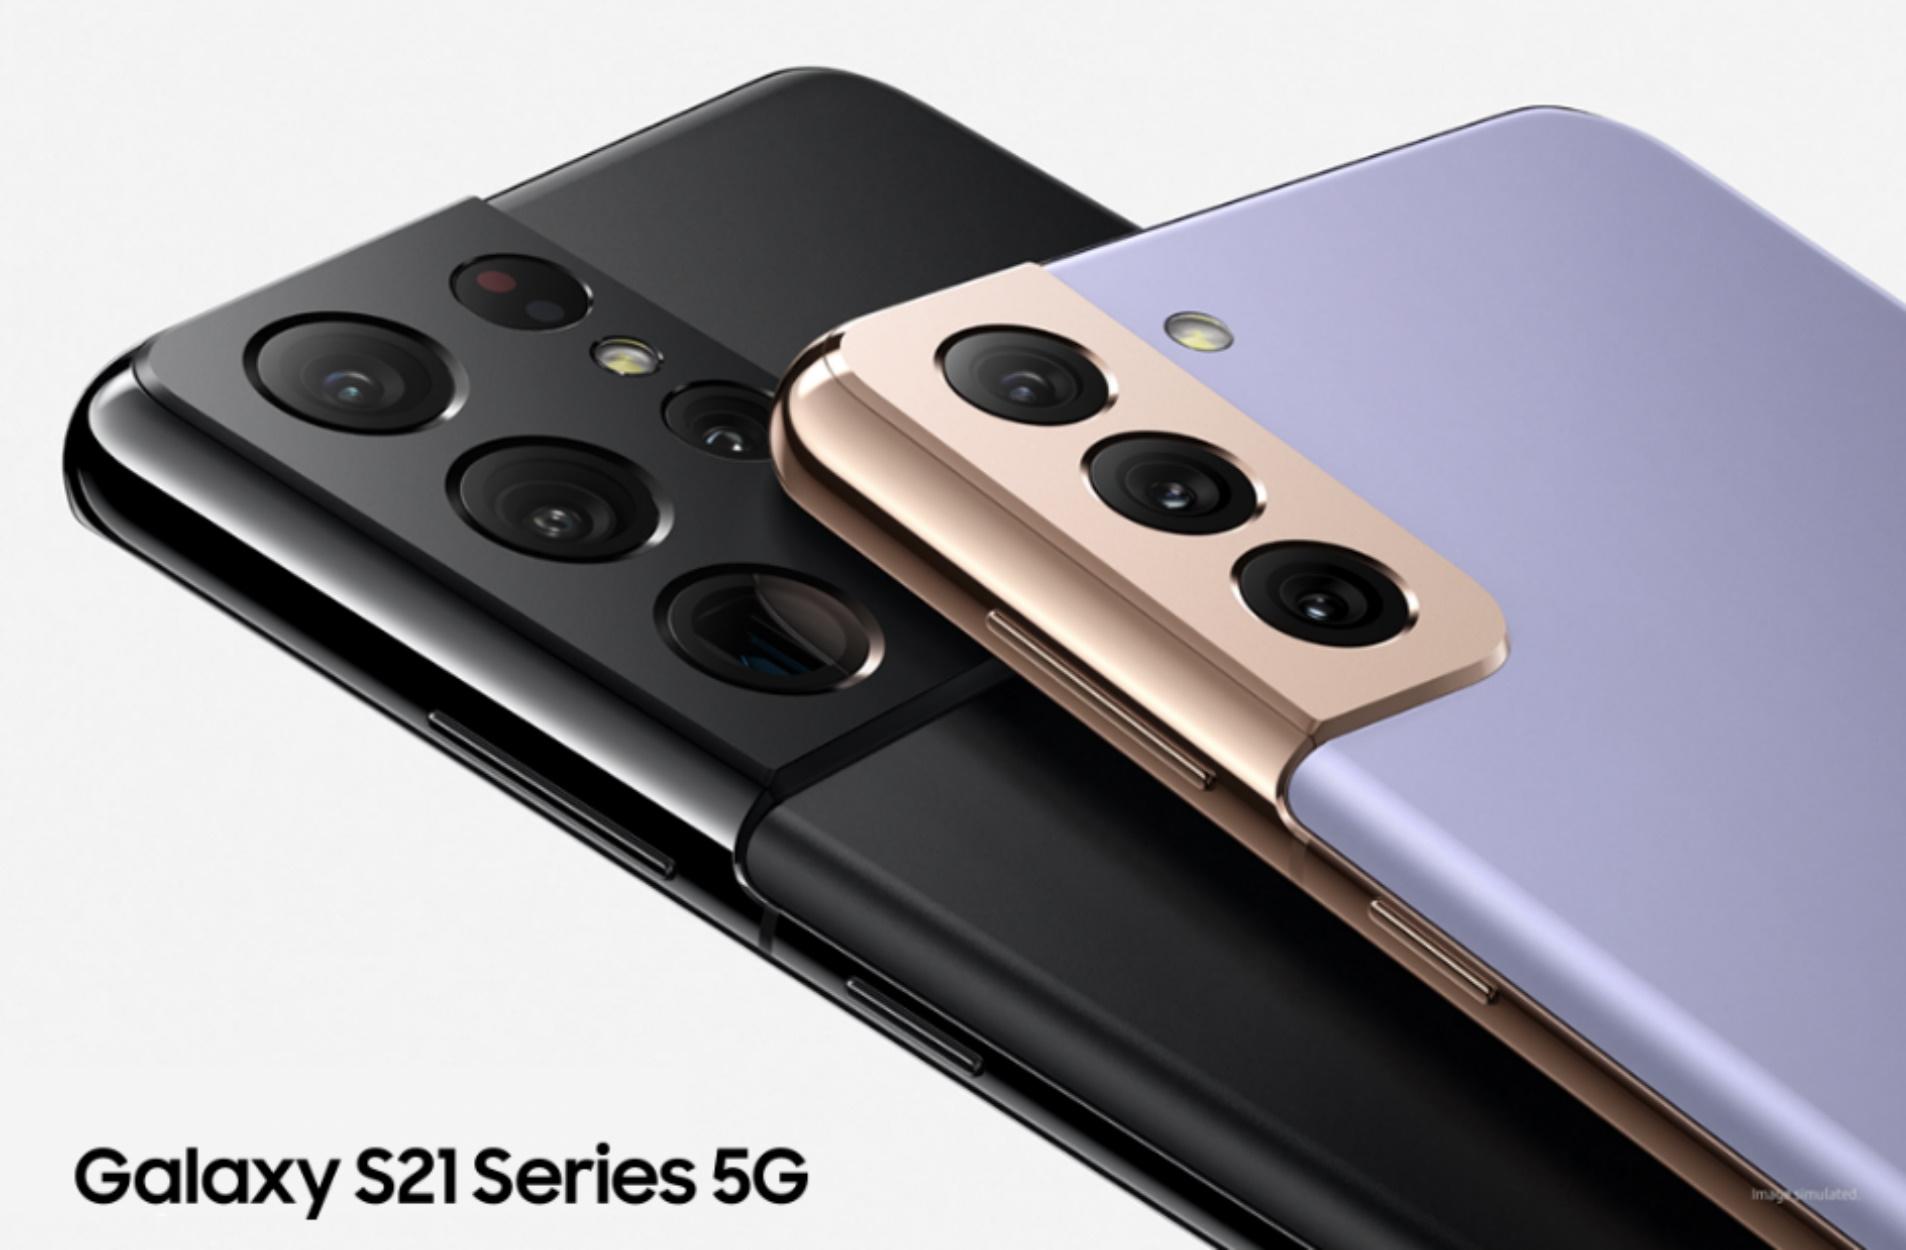 Τα νέα Samsung Galaxy S21, S21+ και S21 Ultra 5G ήρθαν στη WIND